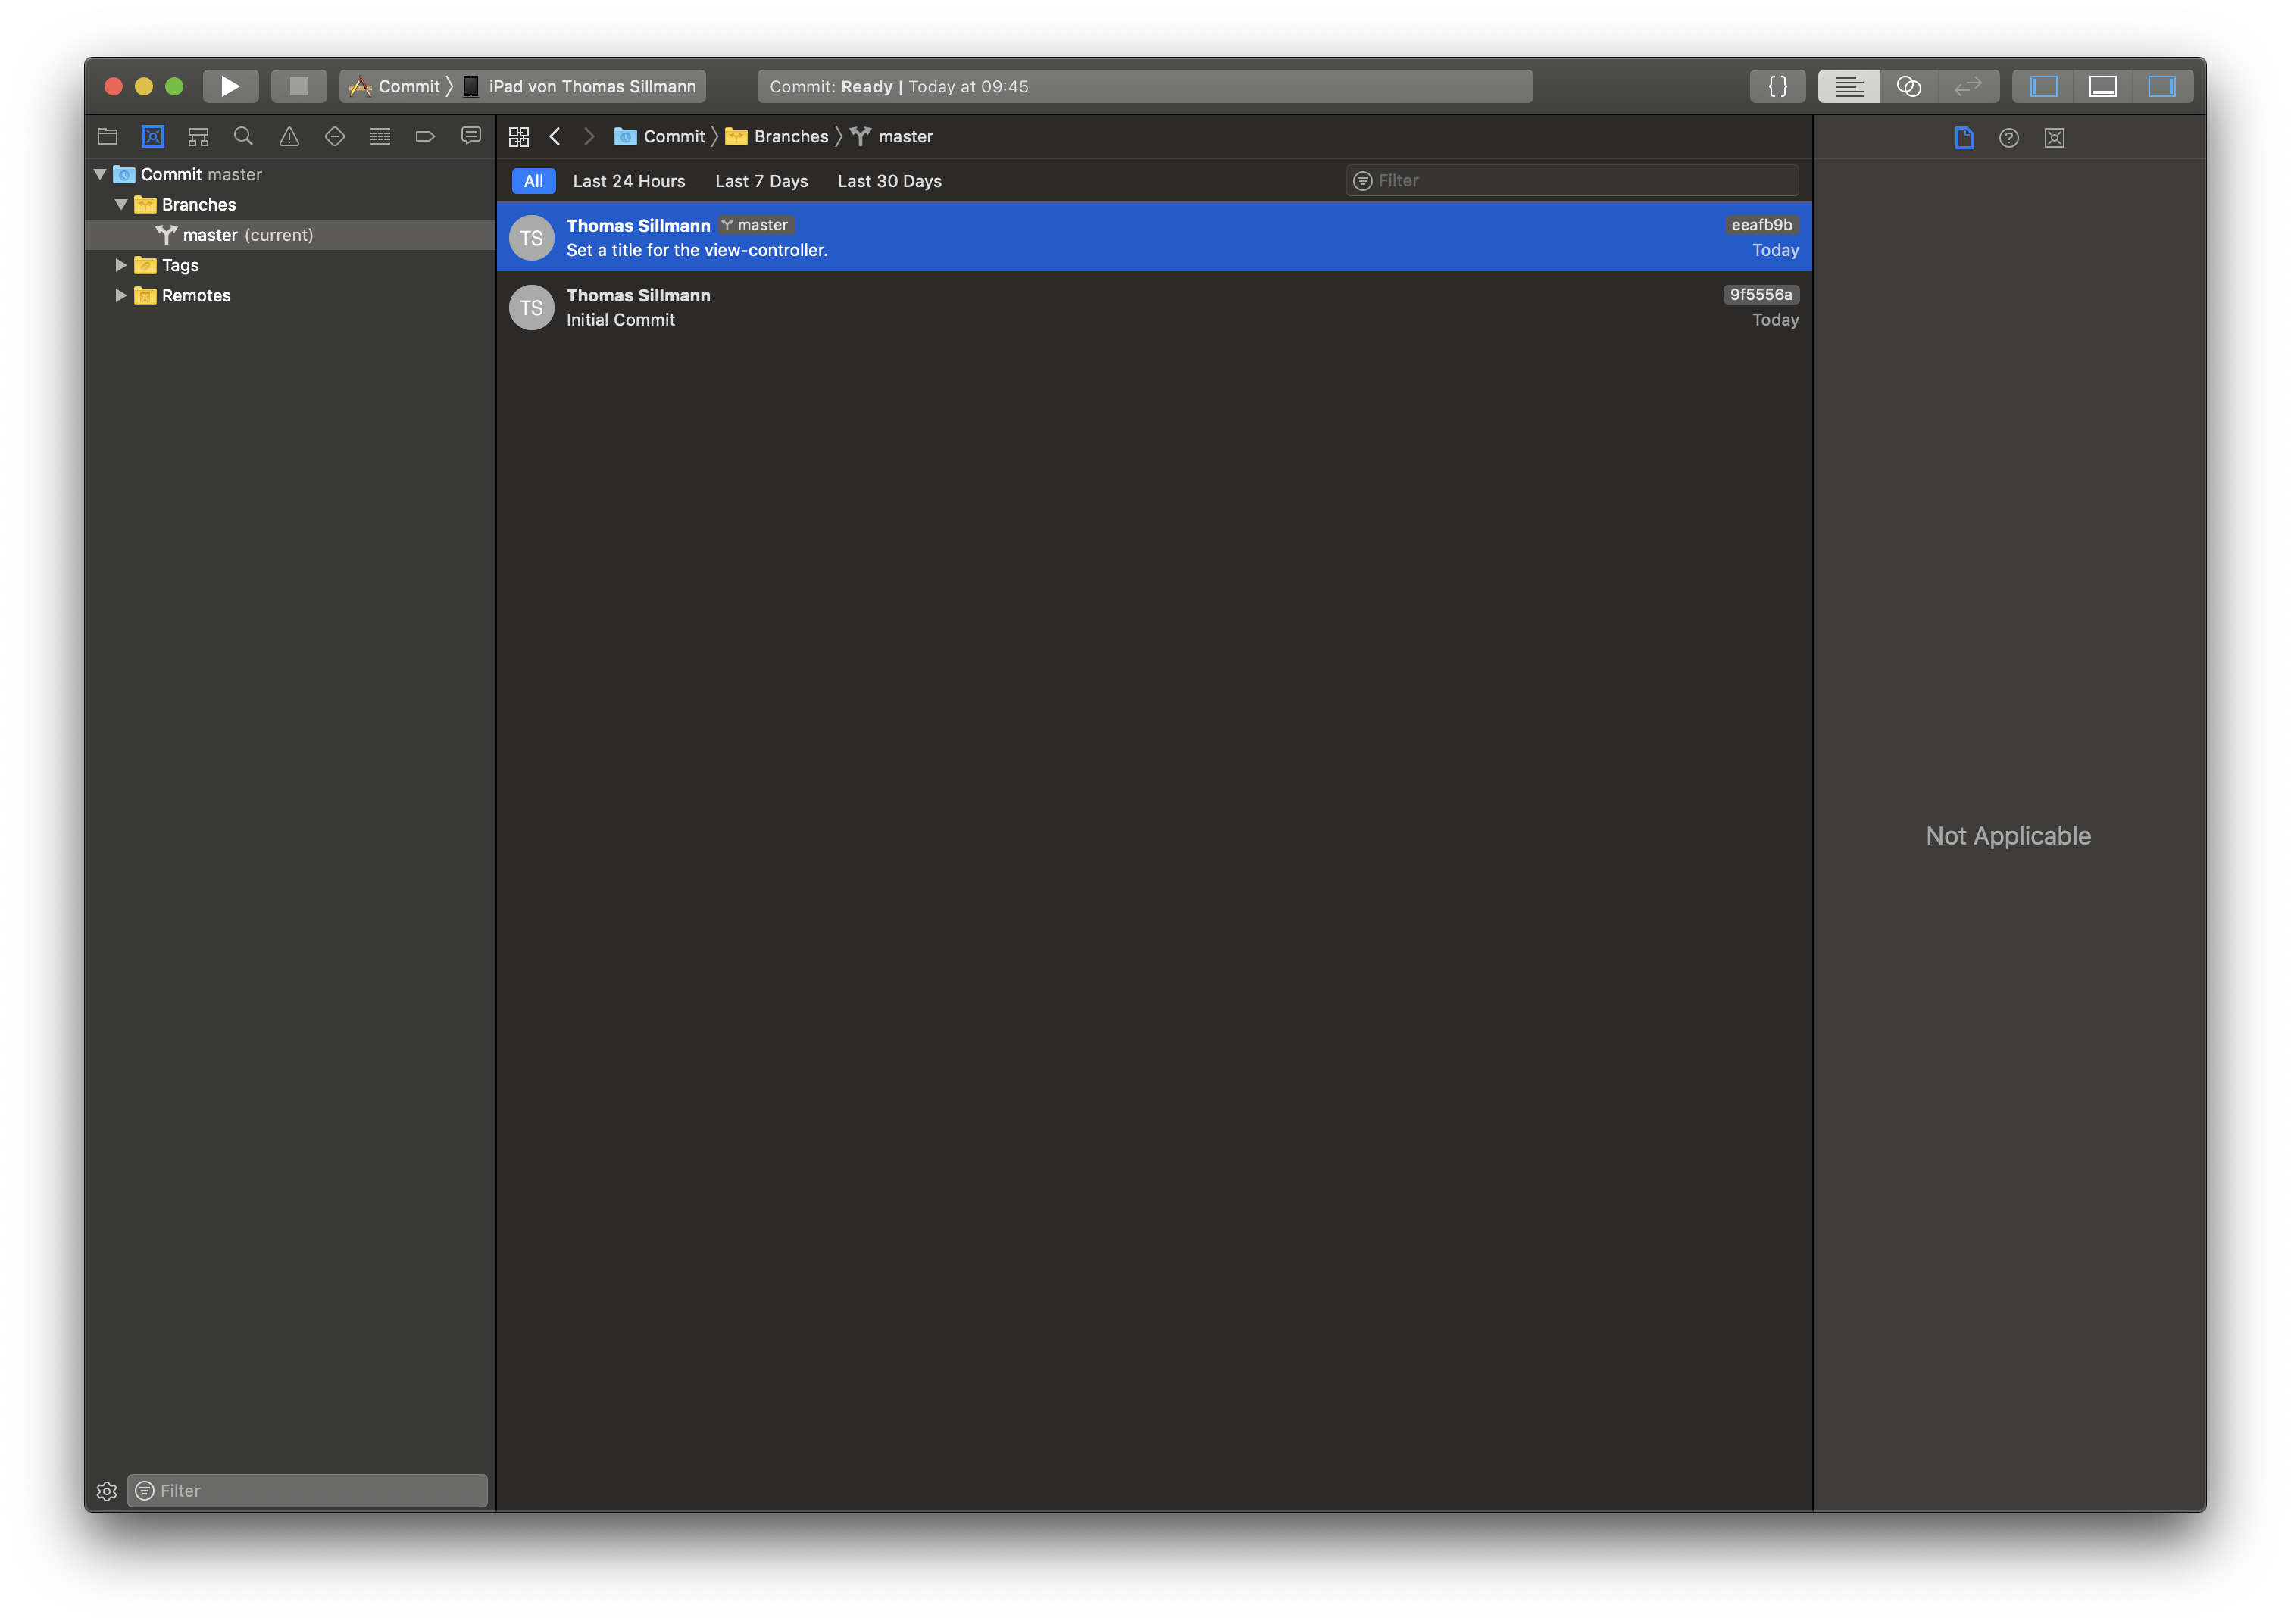 In dieser Ansicht werden die verschiedenen Commits eines Xcode-Projekts aufgeführt.